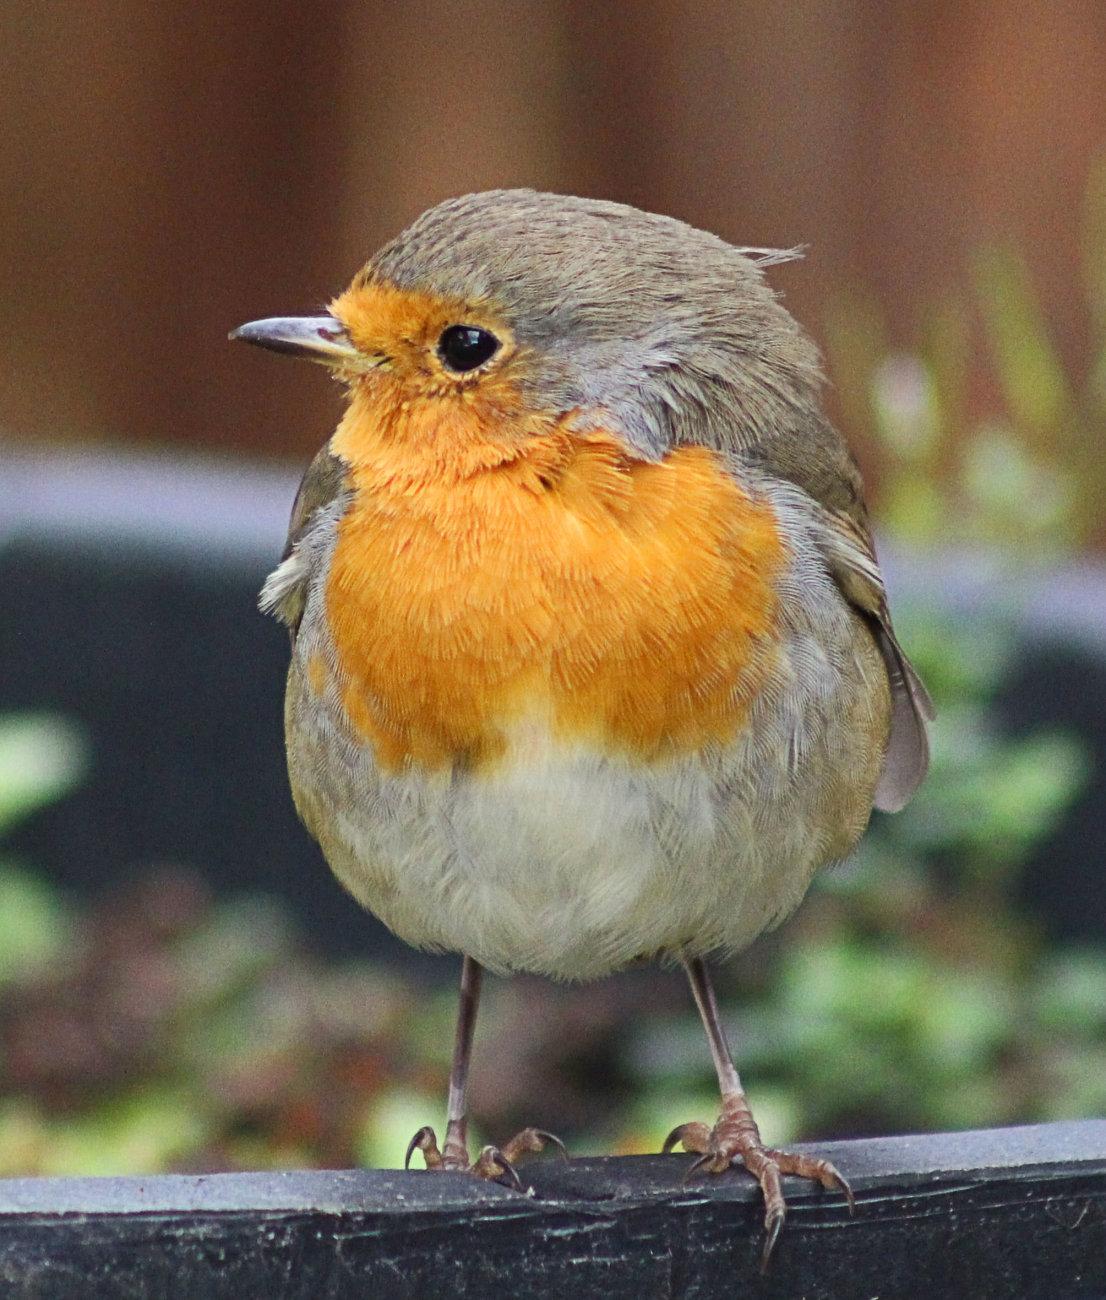 Young Robin (Erithacus rubecula)